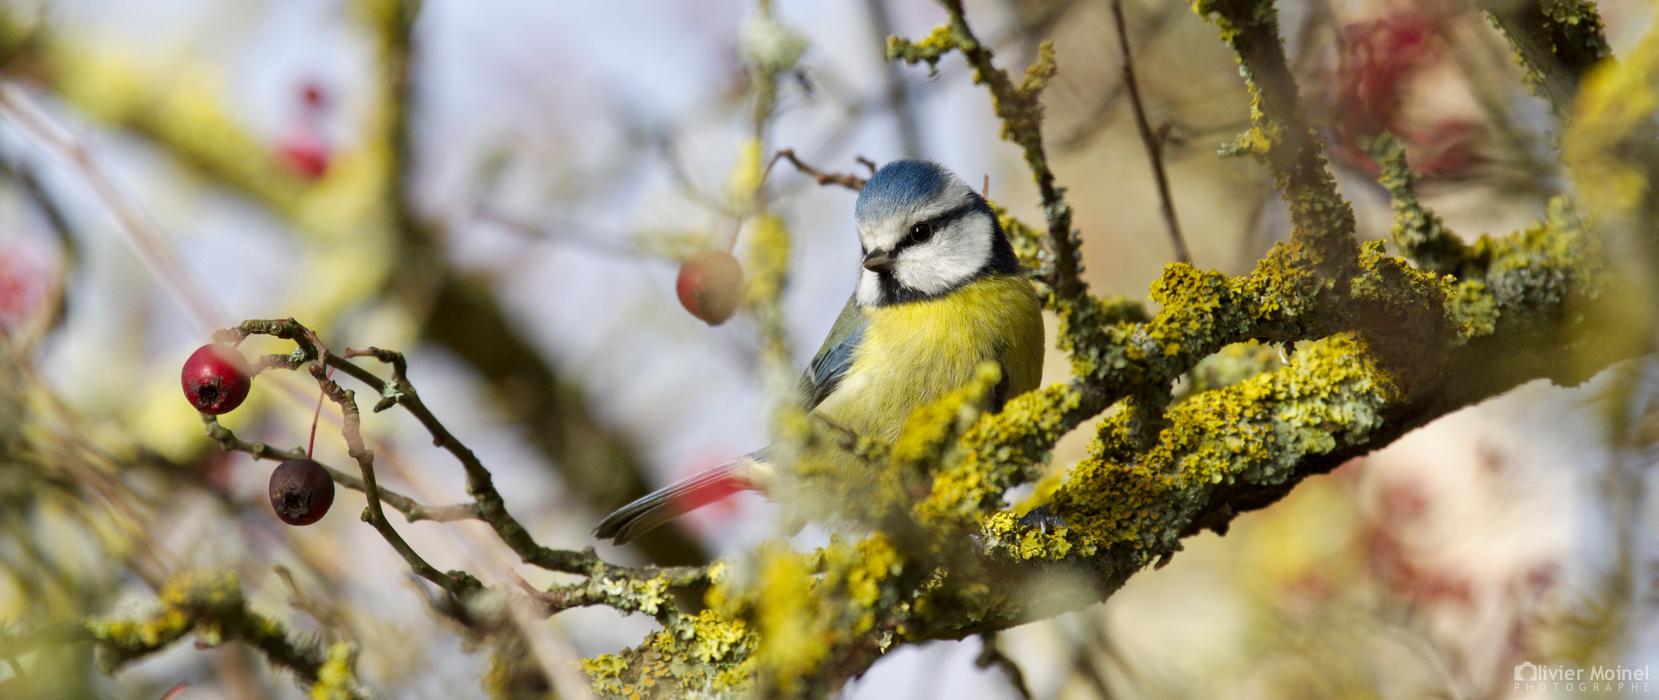 Mésange bleue perchée sur une branche